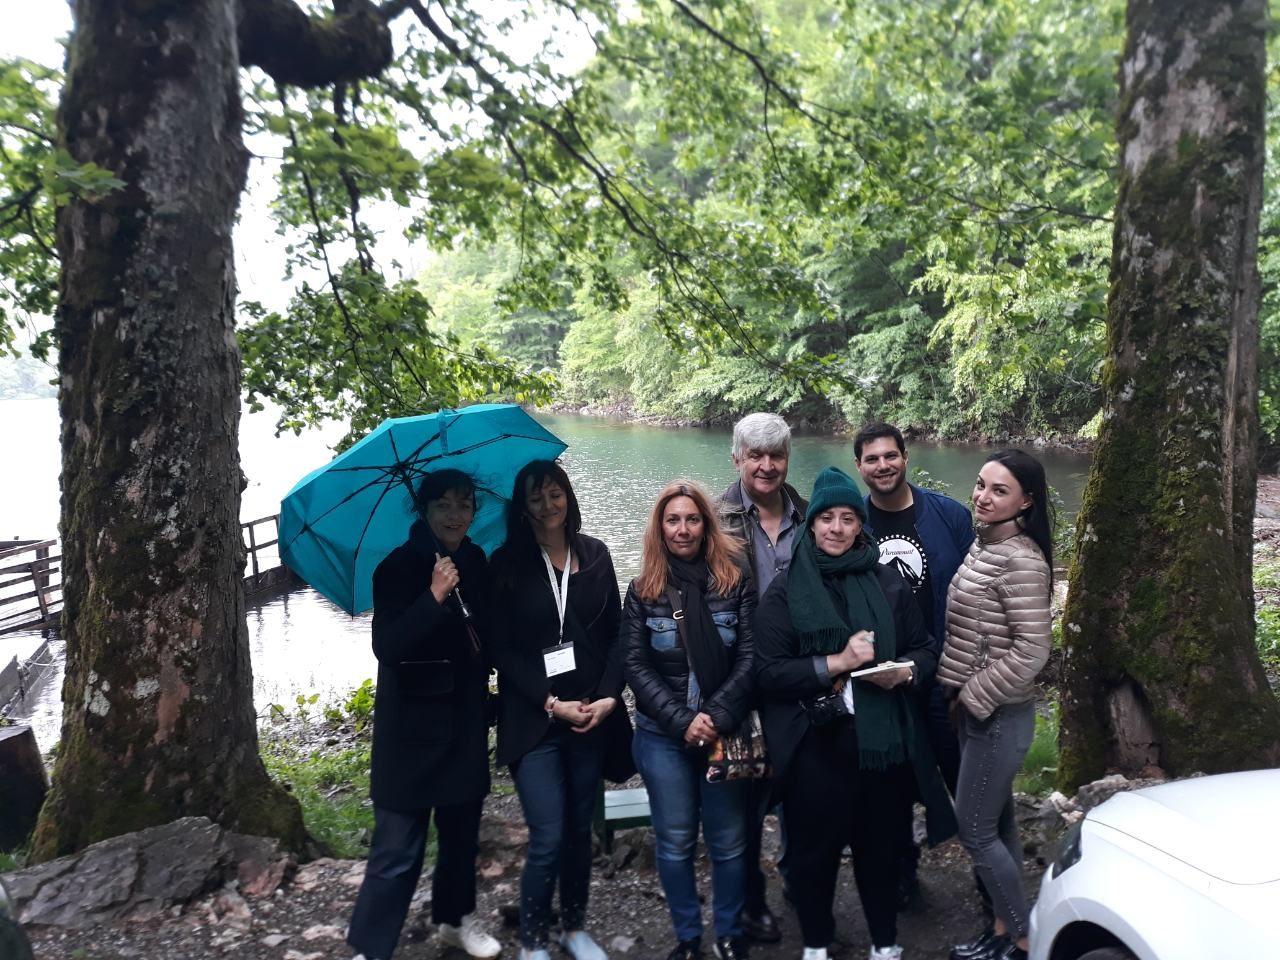 Novinari iz Austrije, Francuske, Rusije i Izraela u posjeti Crnoj Gori